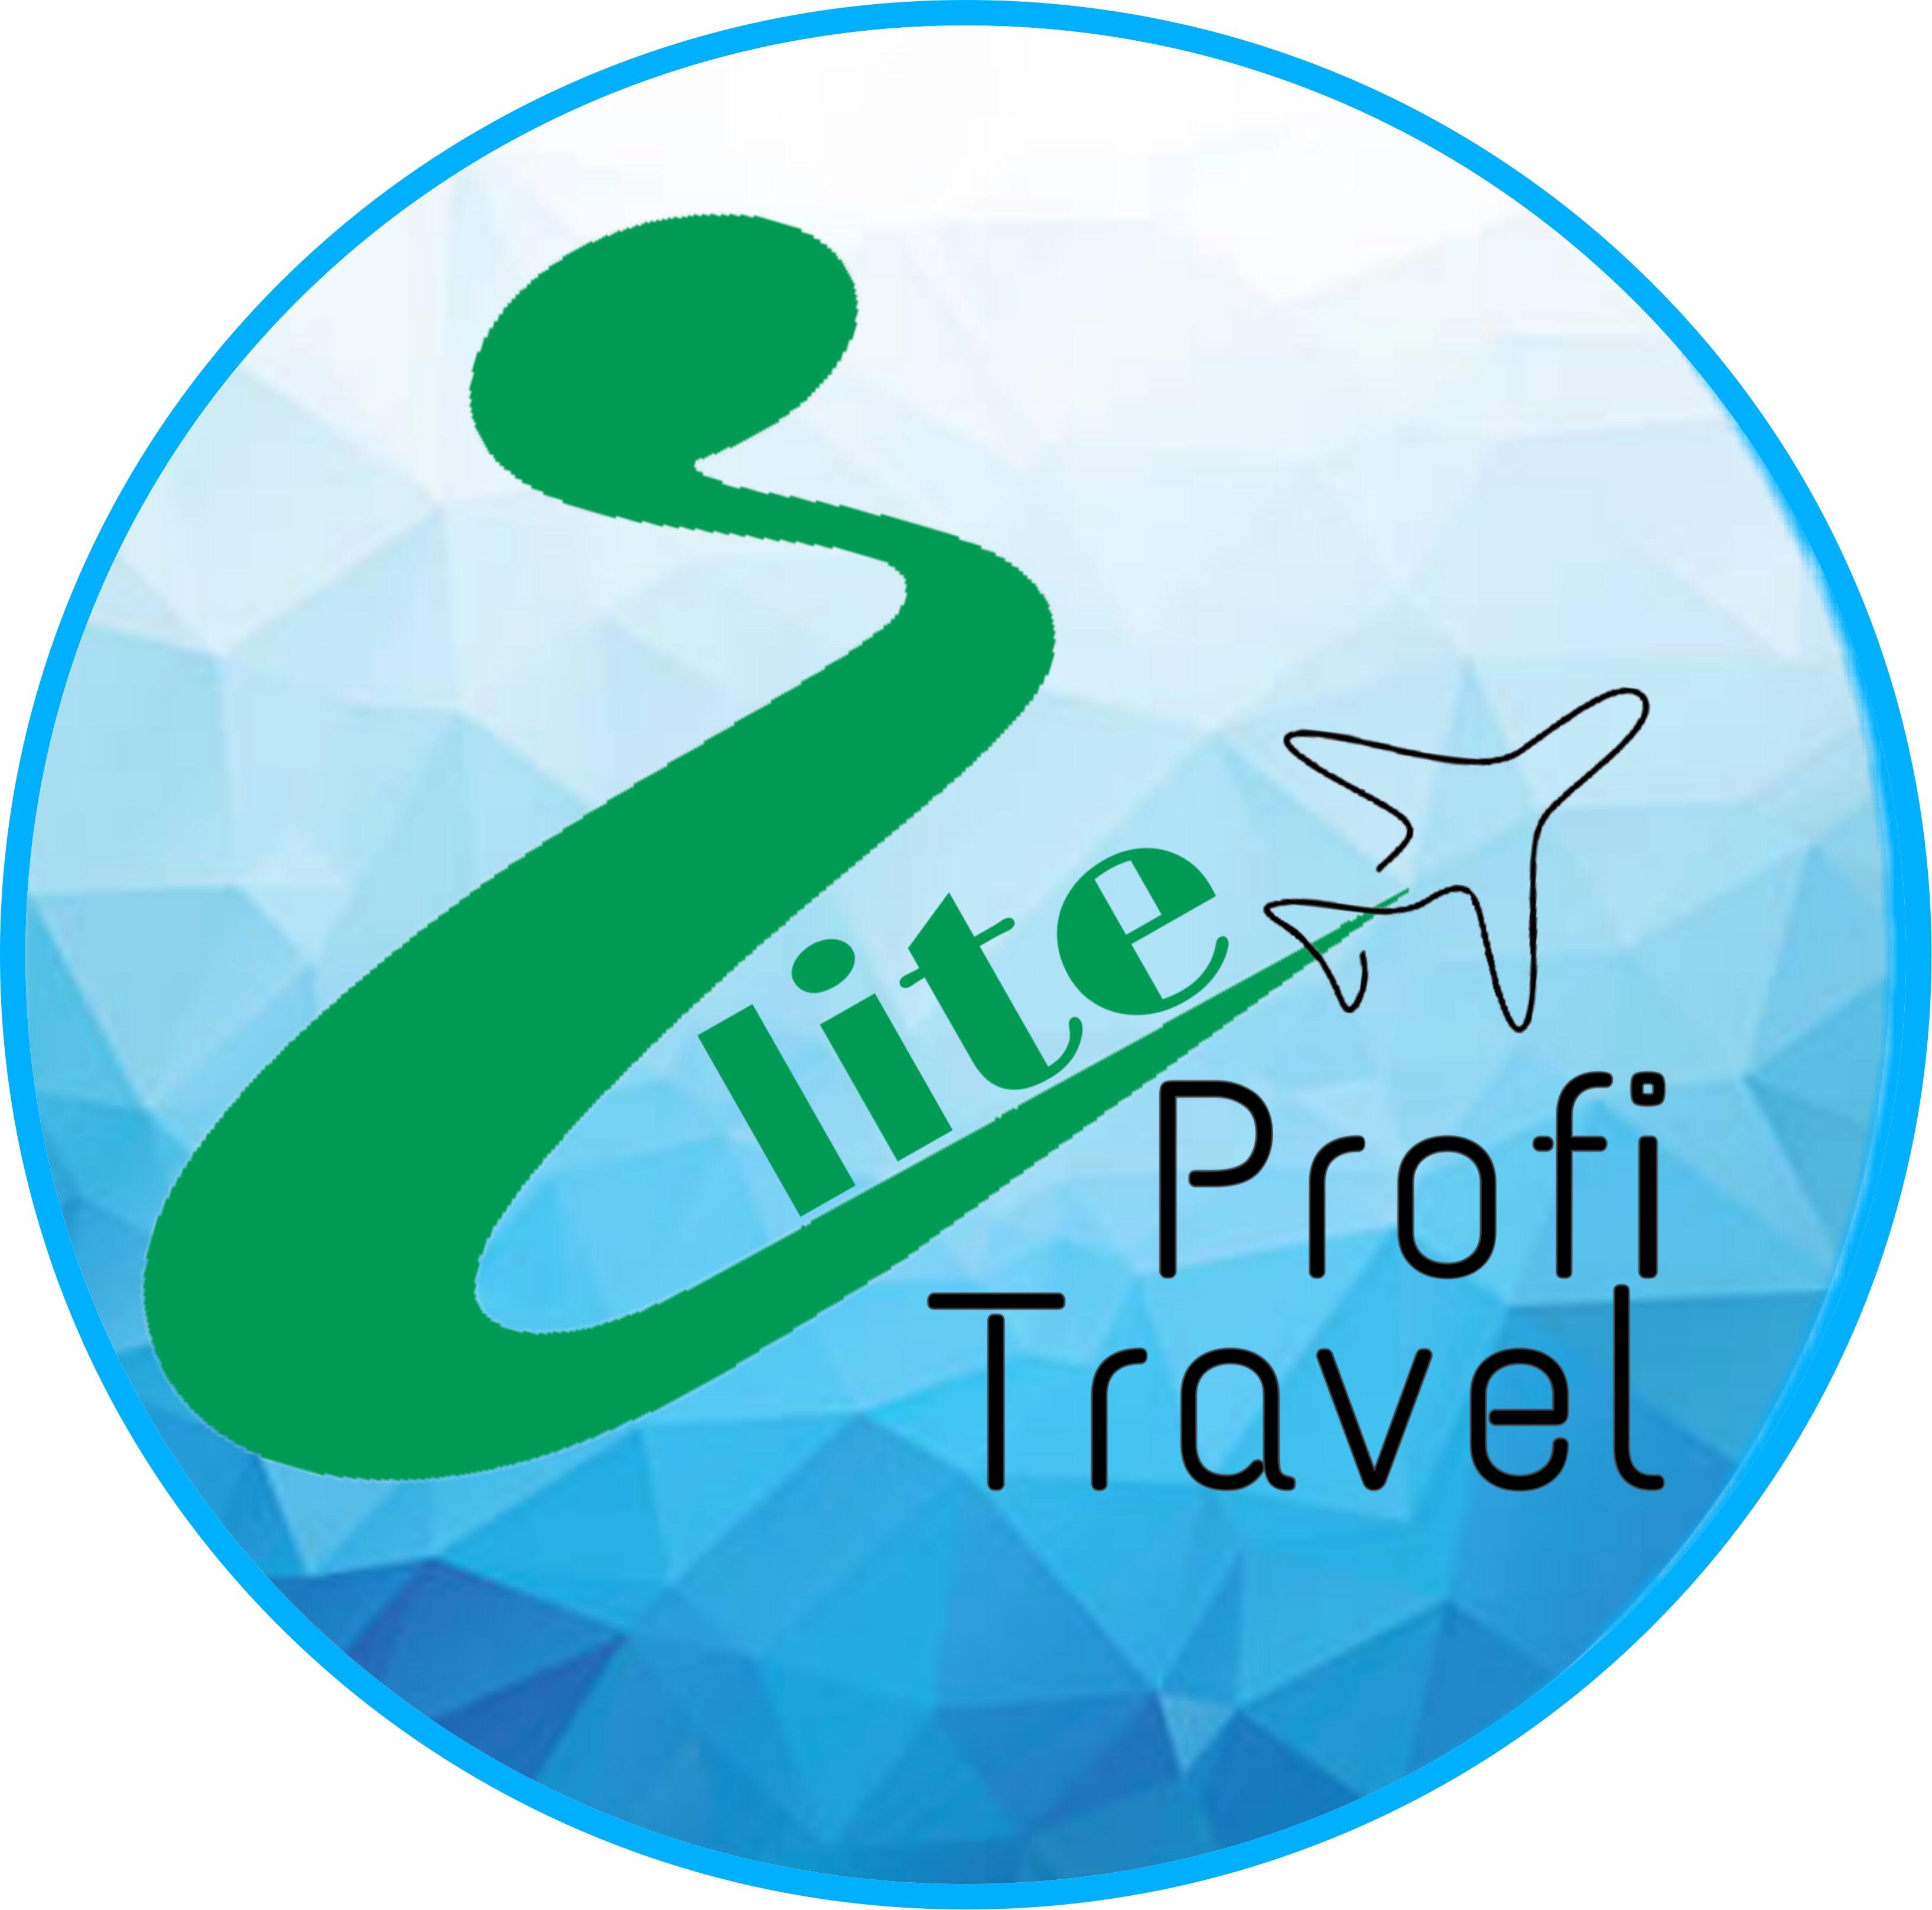 Фото Разработка лого для Агенства бизнес путешествий. Идея,исполнение,согласование с заказчиком, корректировка с учетом пожеланий заказчика